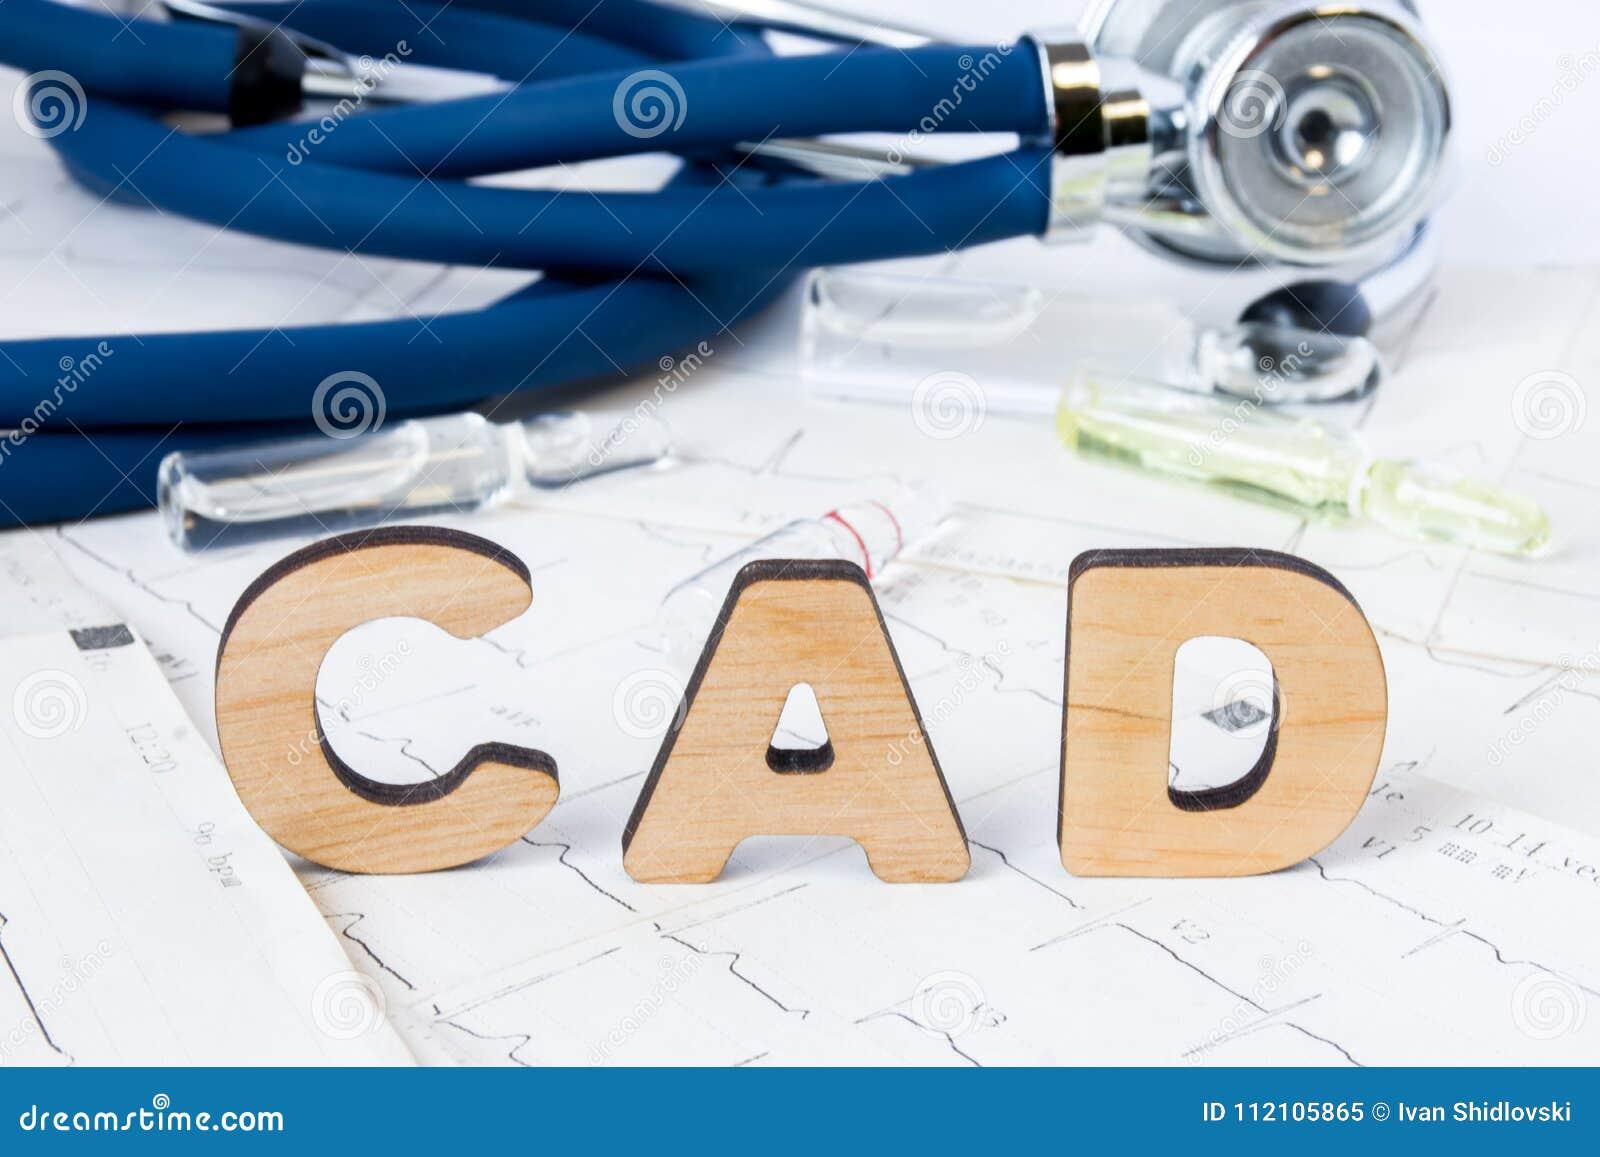 Acrônimo ou abreviatura do CAD ao conceito ou ao diagnóstico médico da doença arterial coronária - tipo de doença cardíaca comum